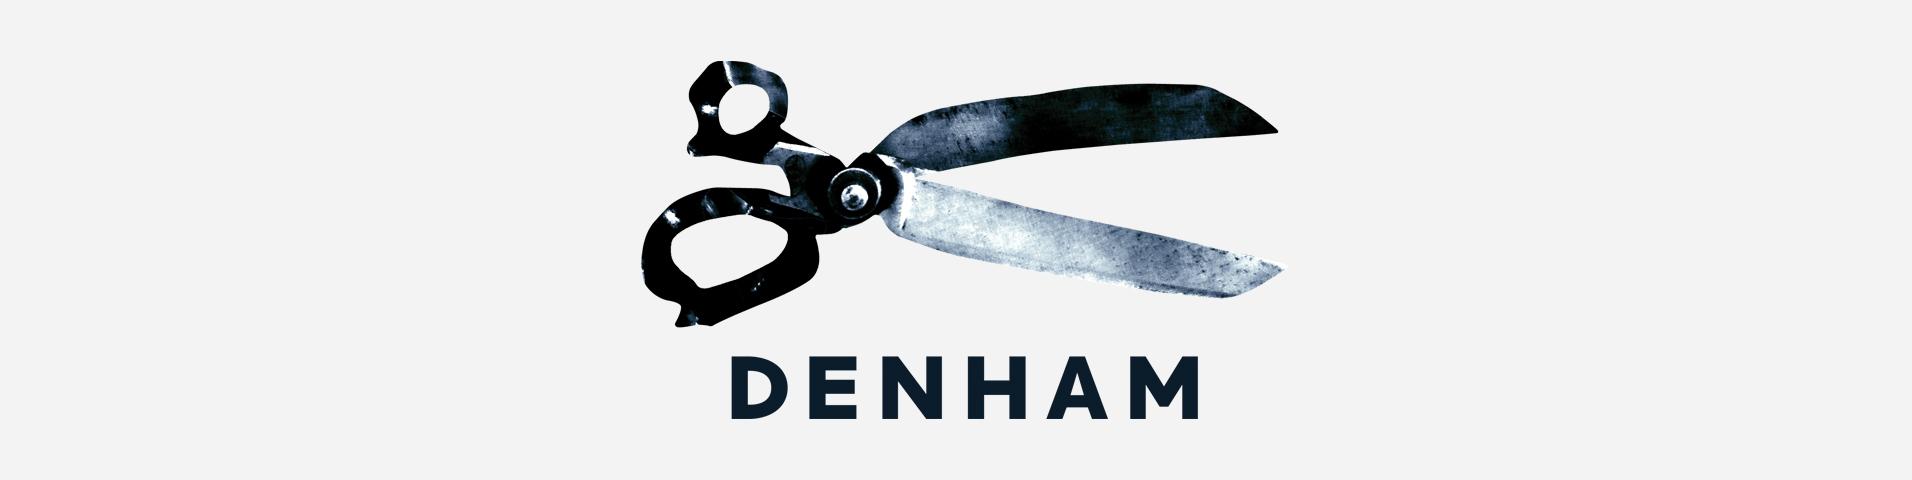 Britse beschikbaarheid nieuwste ontwerp stopcontact Denham online shop | Gratis verzending | ZALANDO